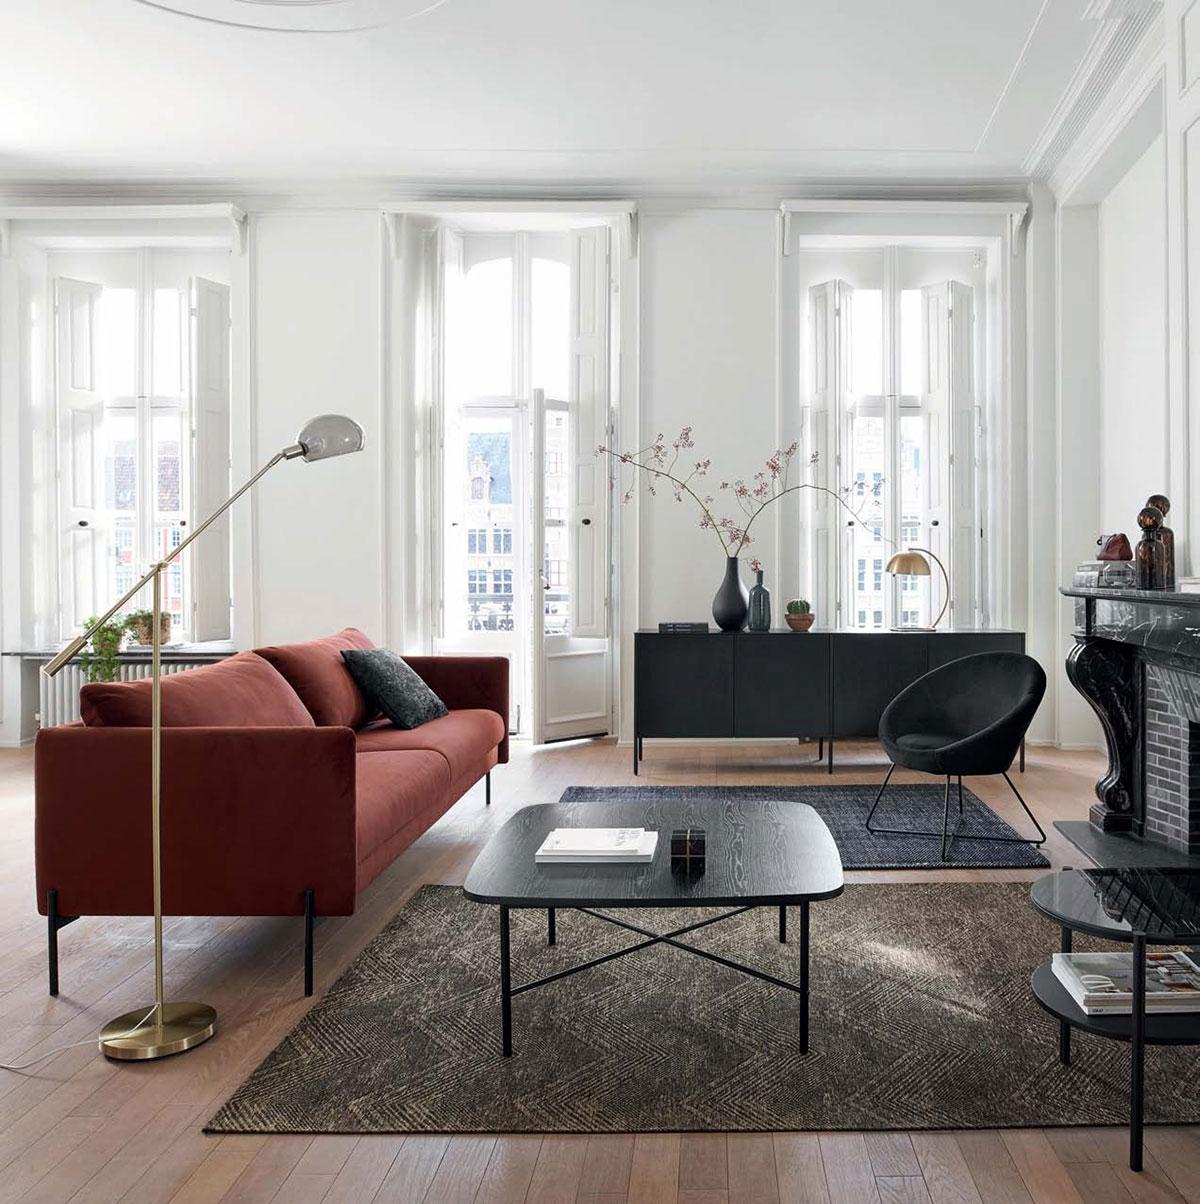 Вдохновения много не бывает: большая подборка новых интерьеров из каталога Maisons du Monde 2021